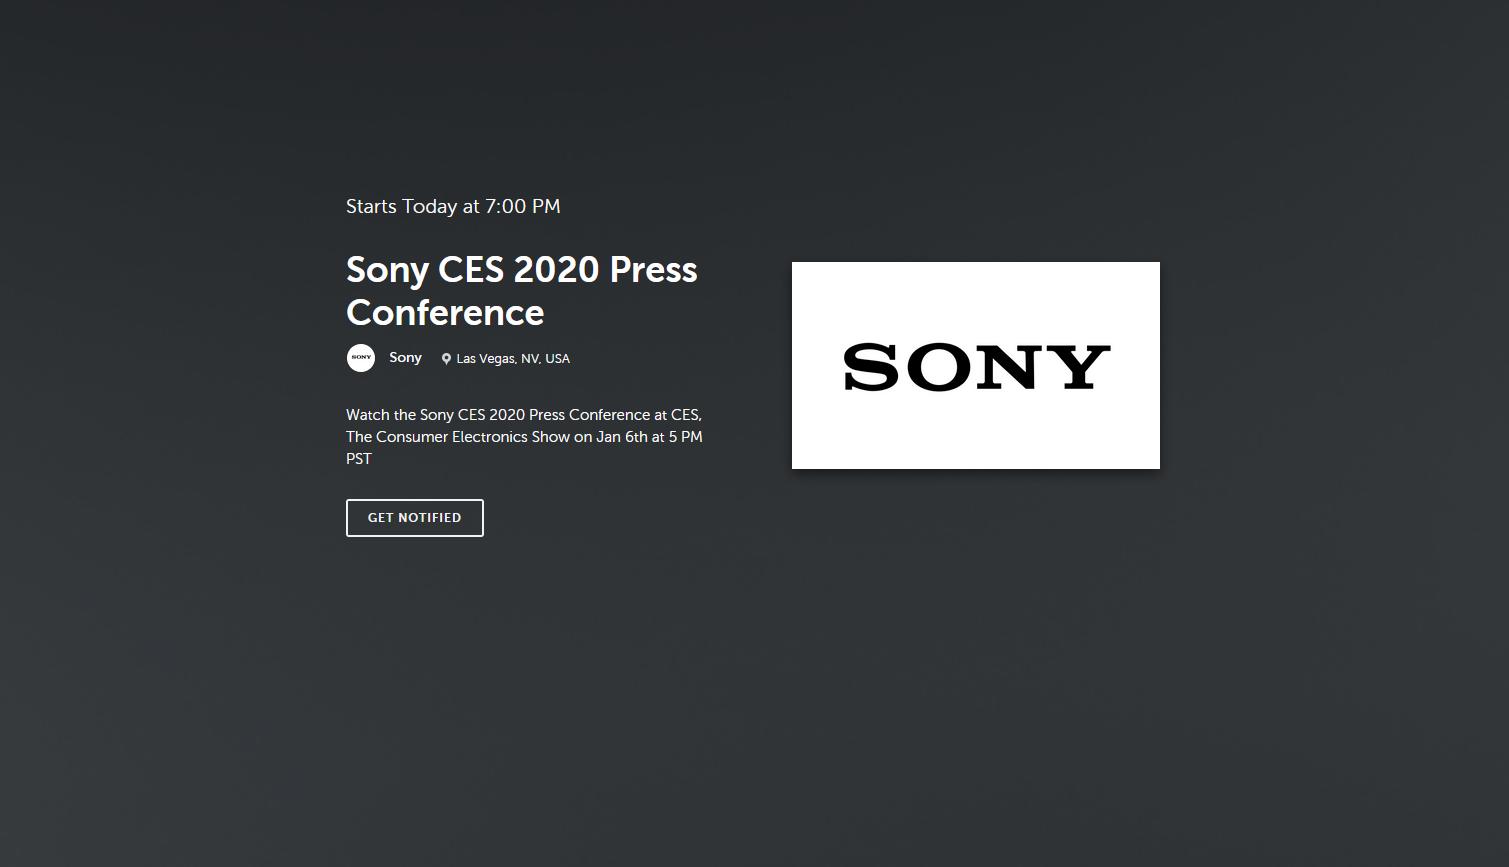 Sony CES 2020 livestream